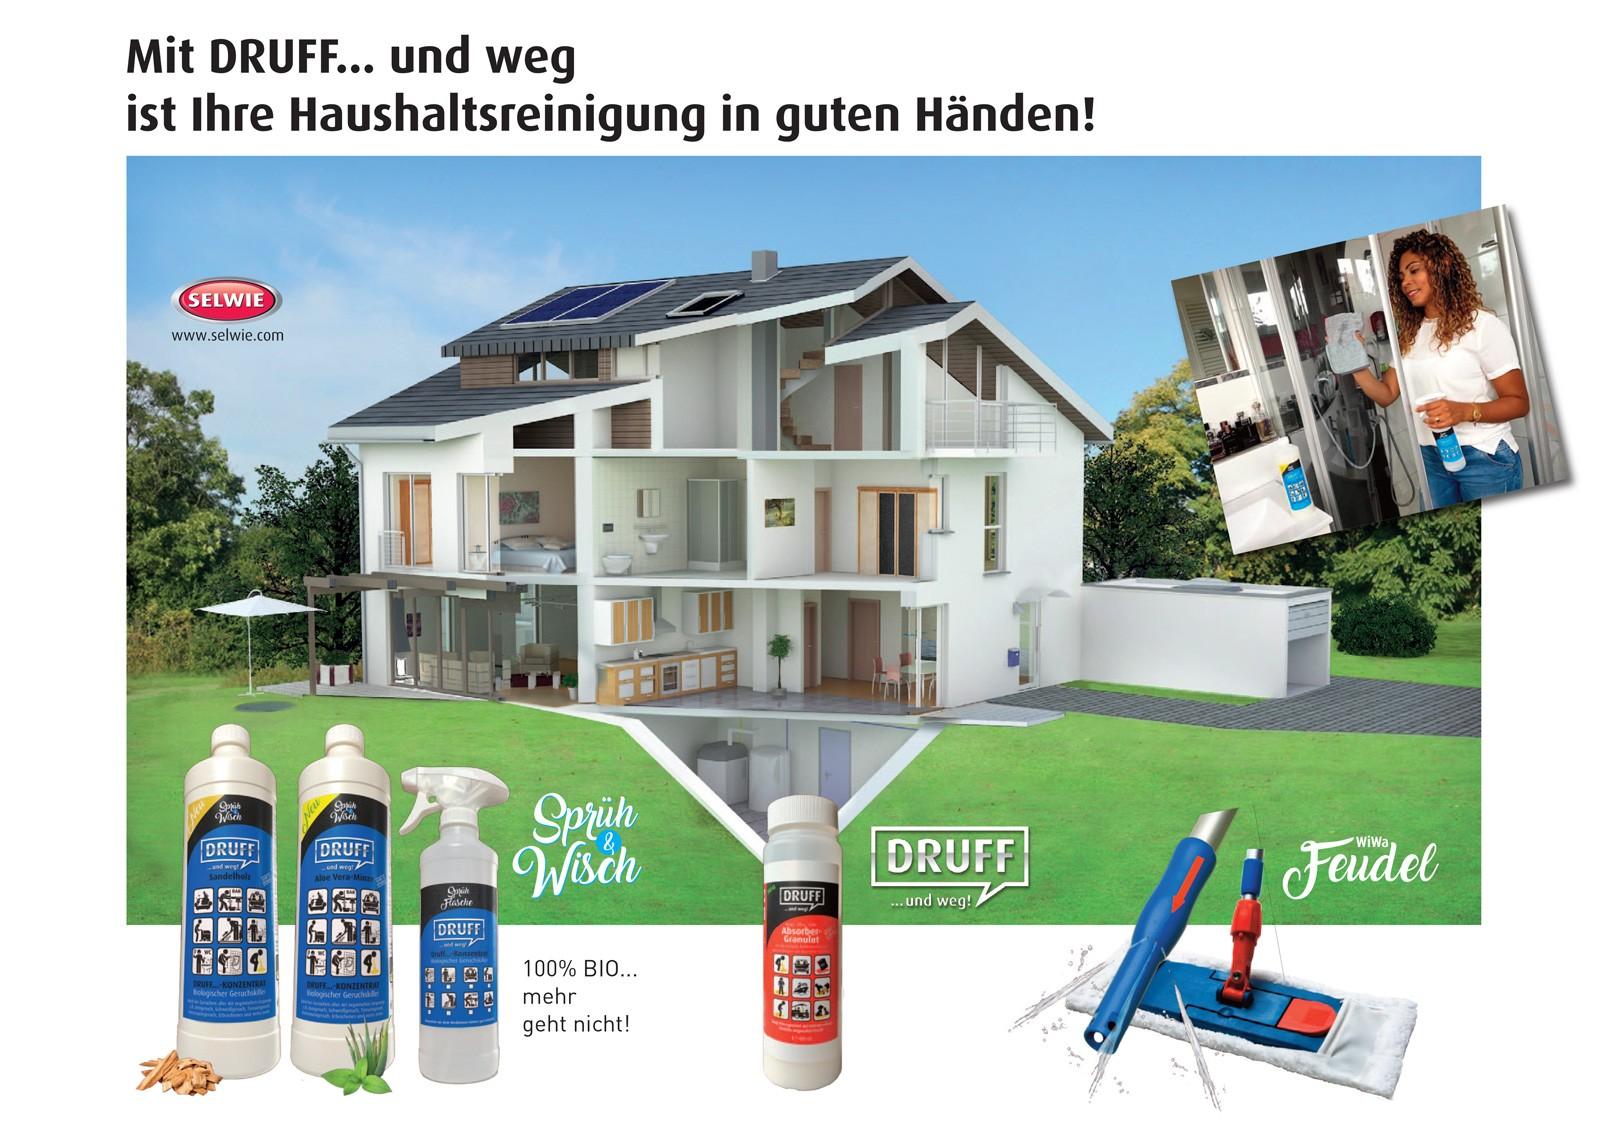 DRUFF_Hausquerschnitt_2020